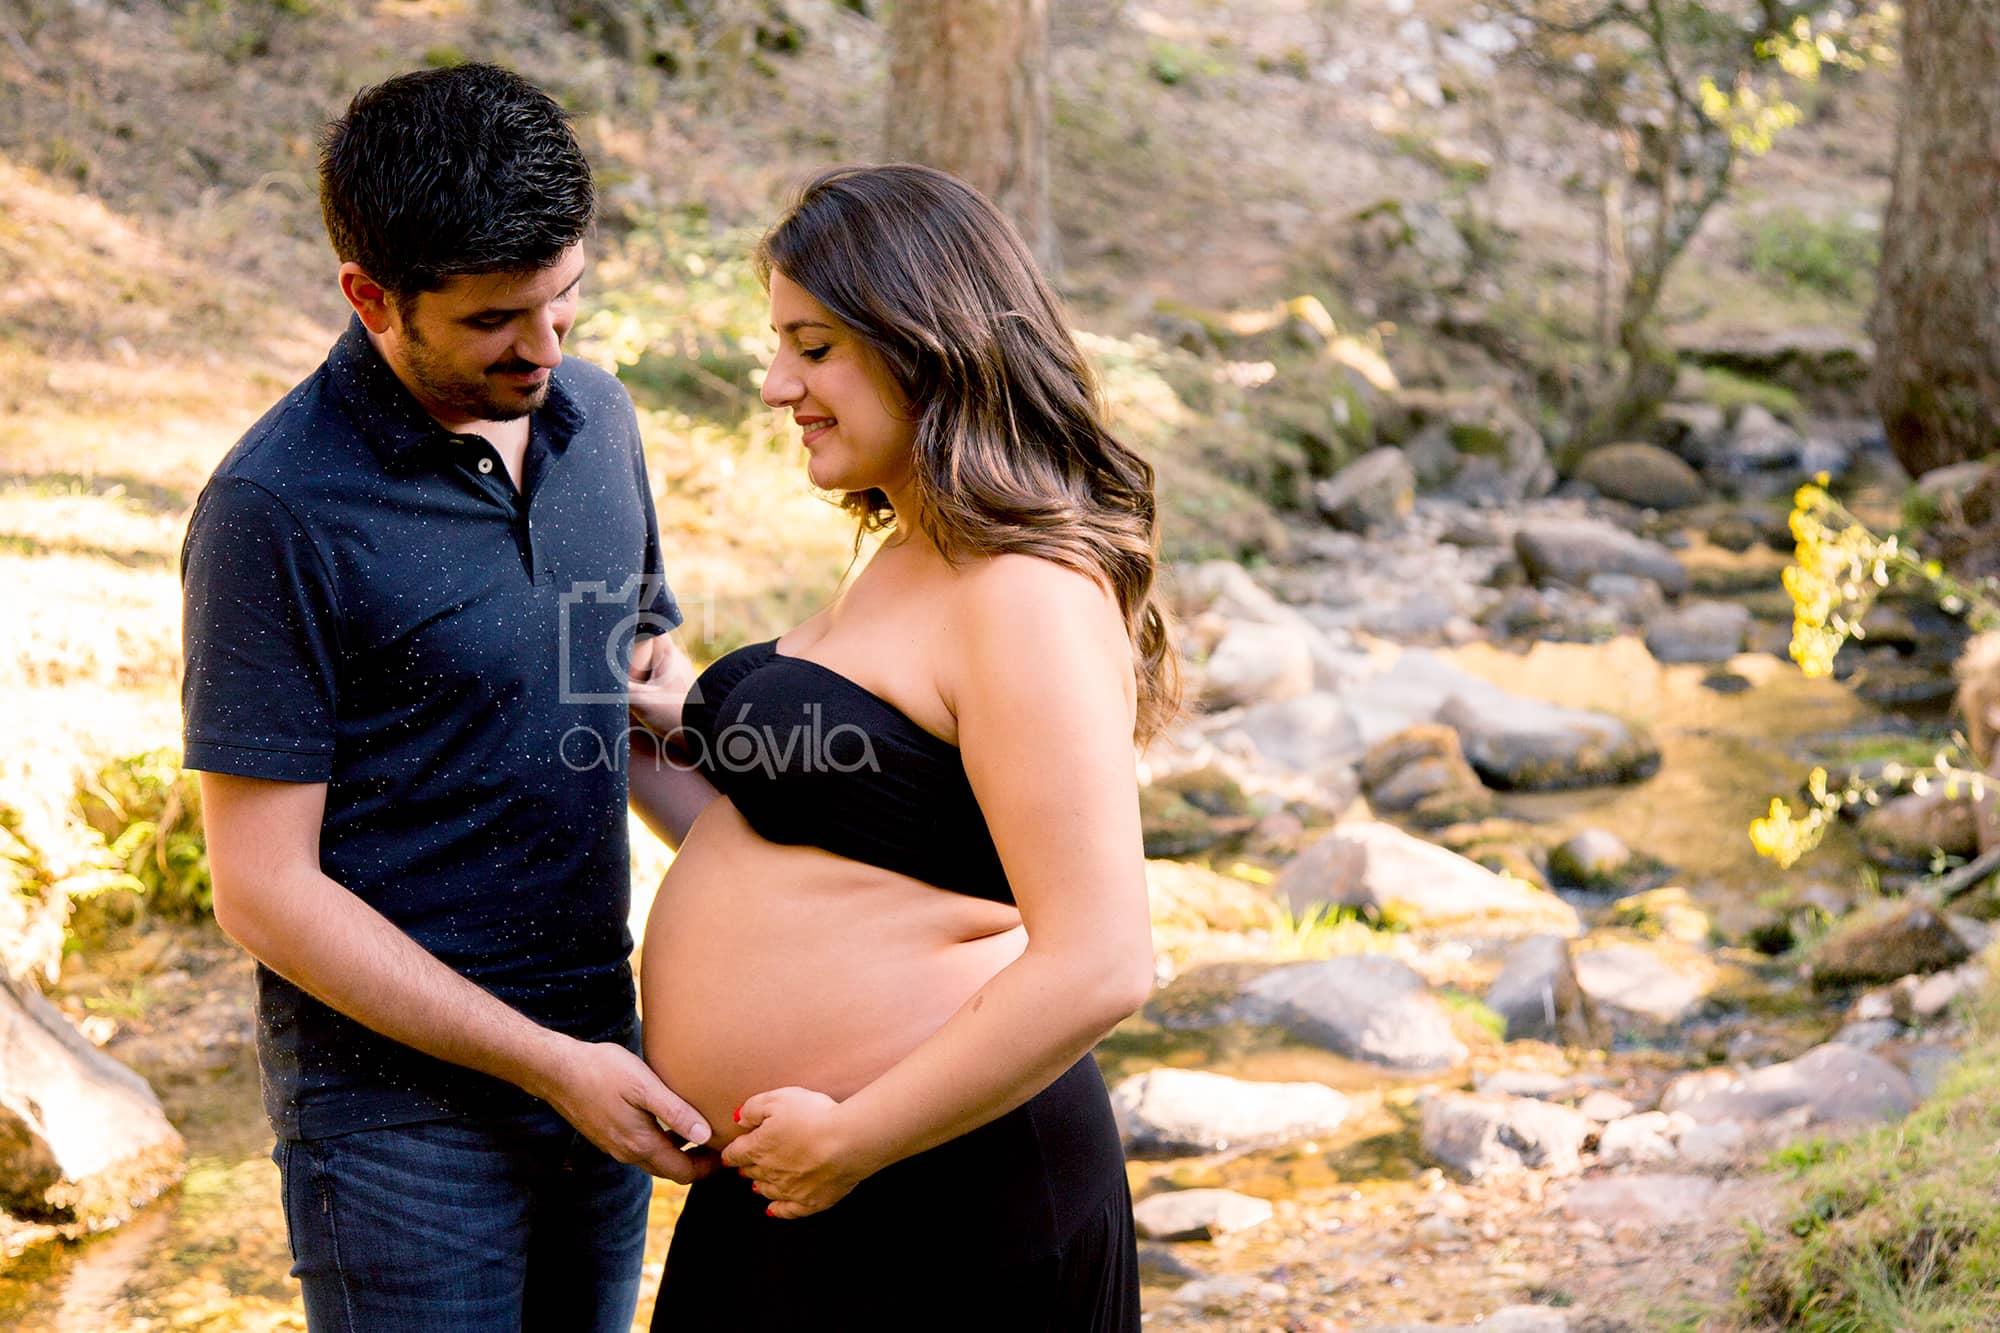 de59edd1b Fotos de embarazadas en Madrid - Ana Ávila